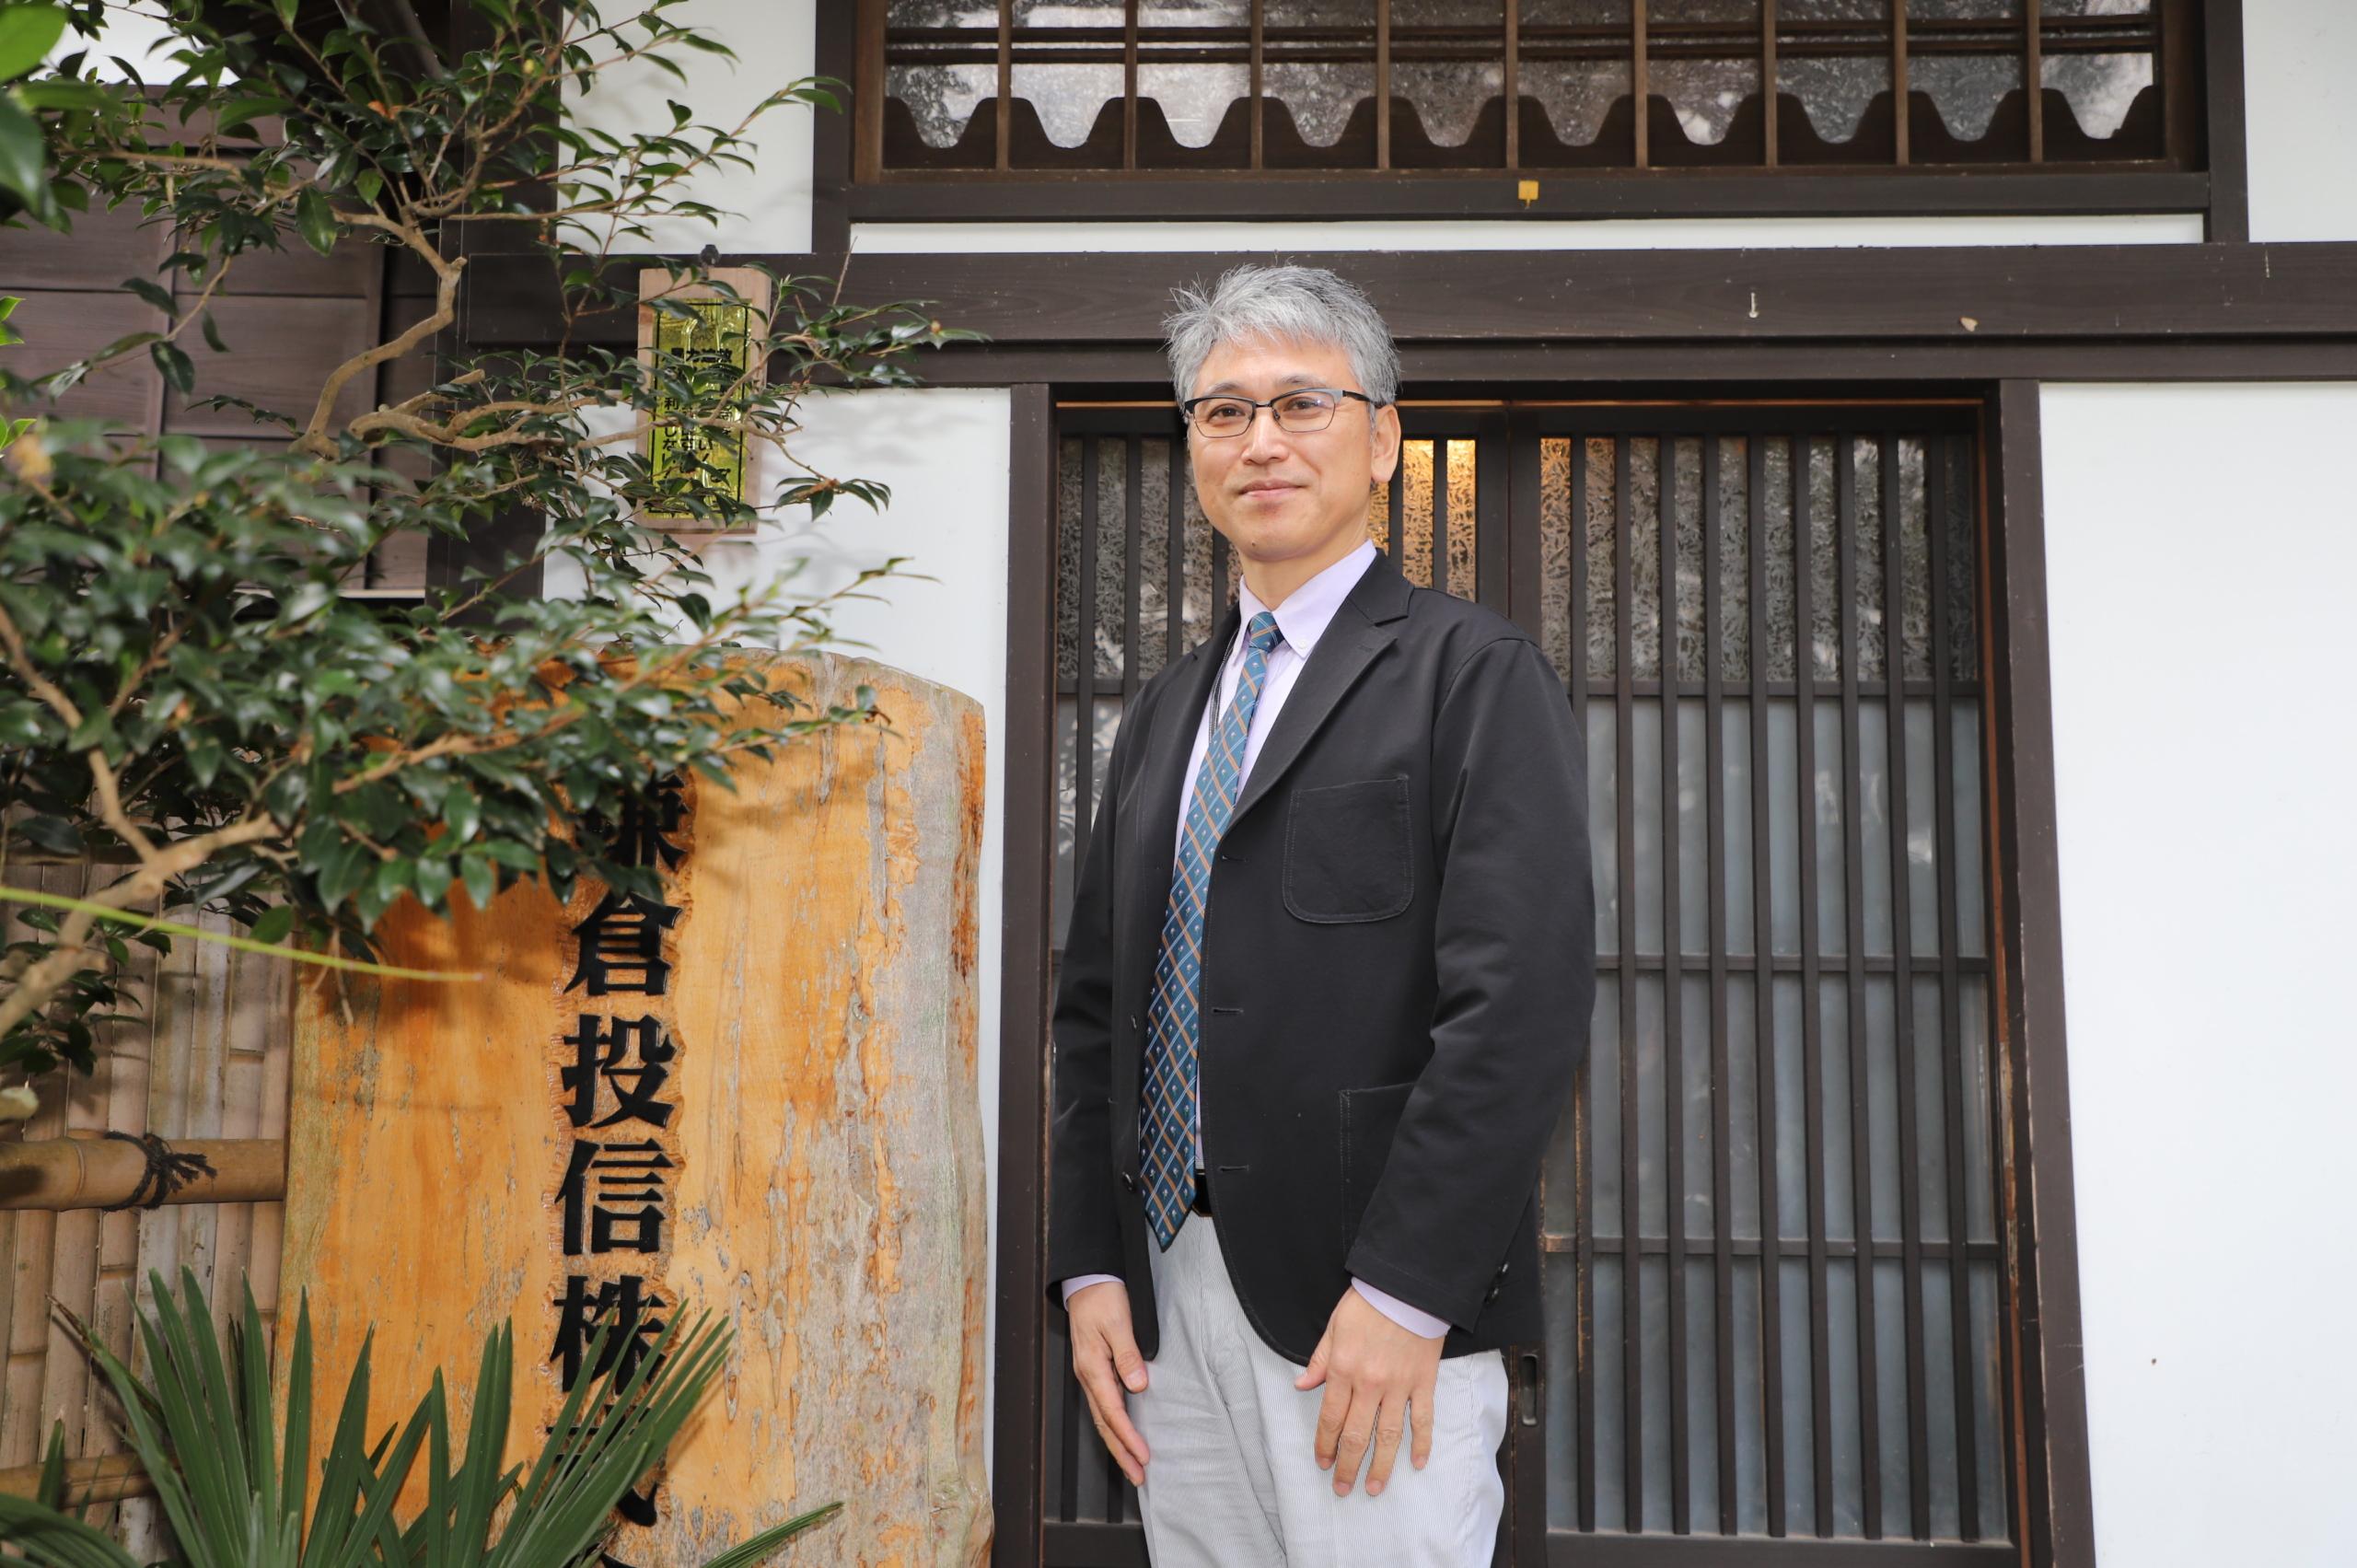 10年で顧客預かり資産100倍。今、注目を集める「鎌倉投信」の投資哲学代表取締役社長・鎌田恭幸氏(54歳)